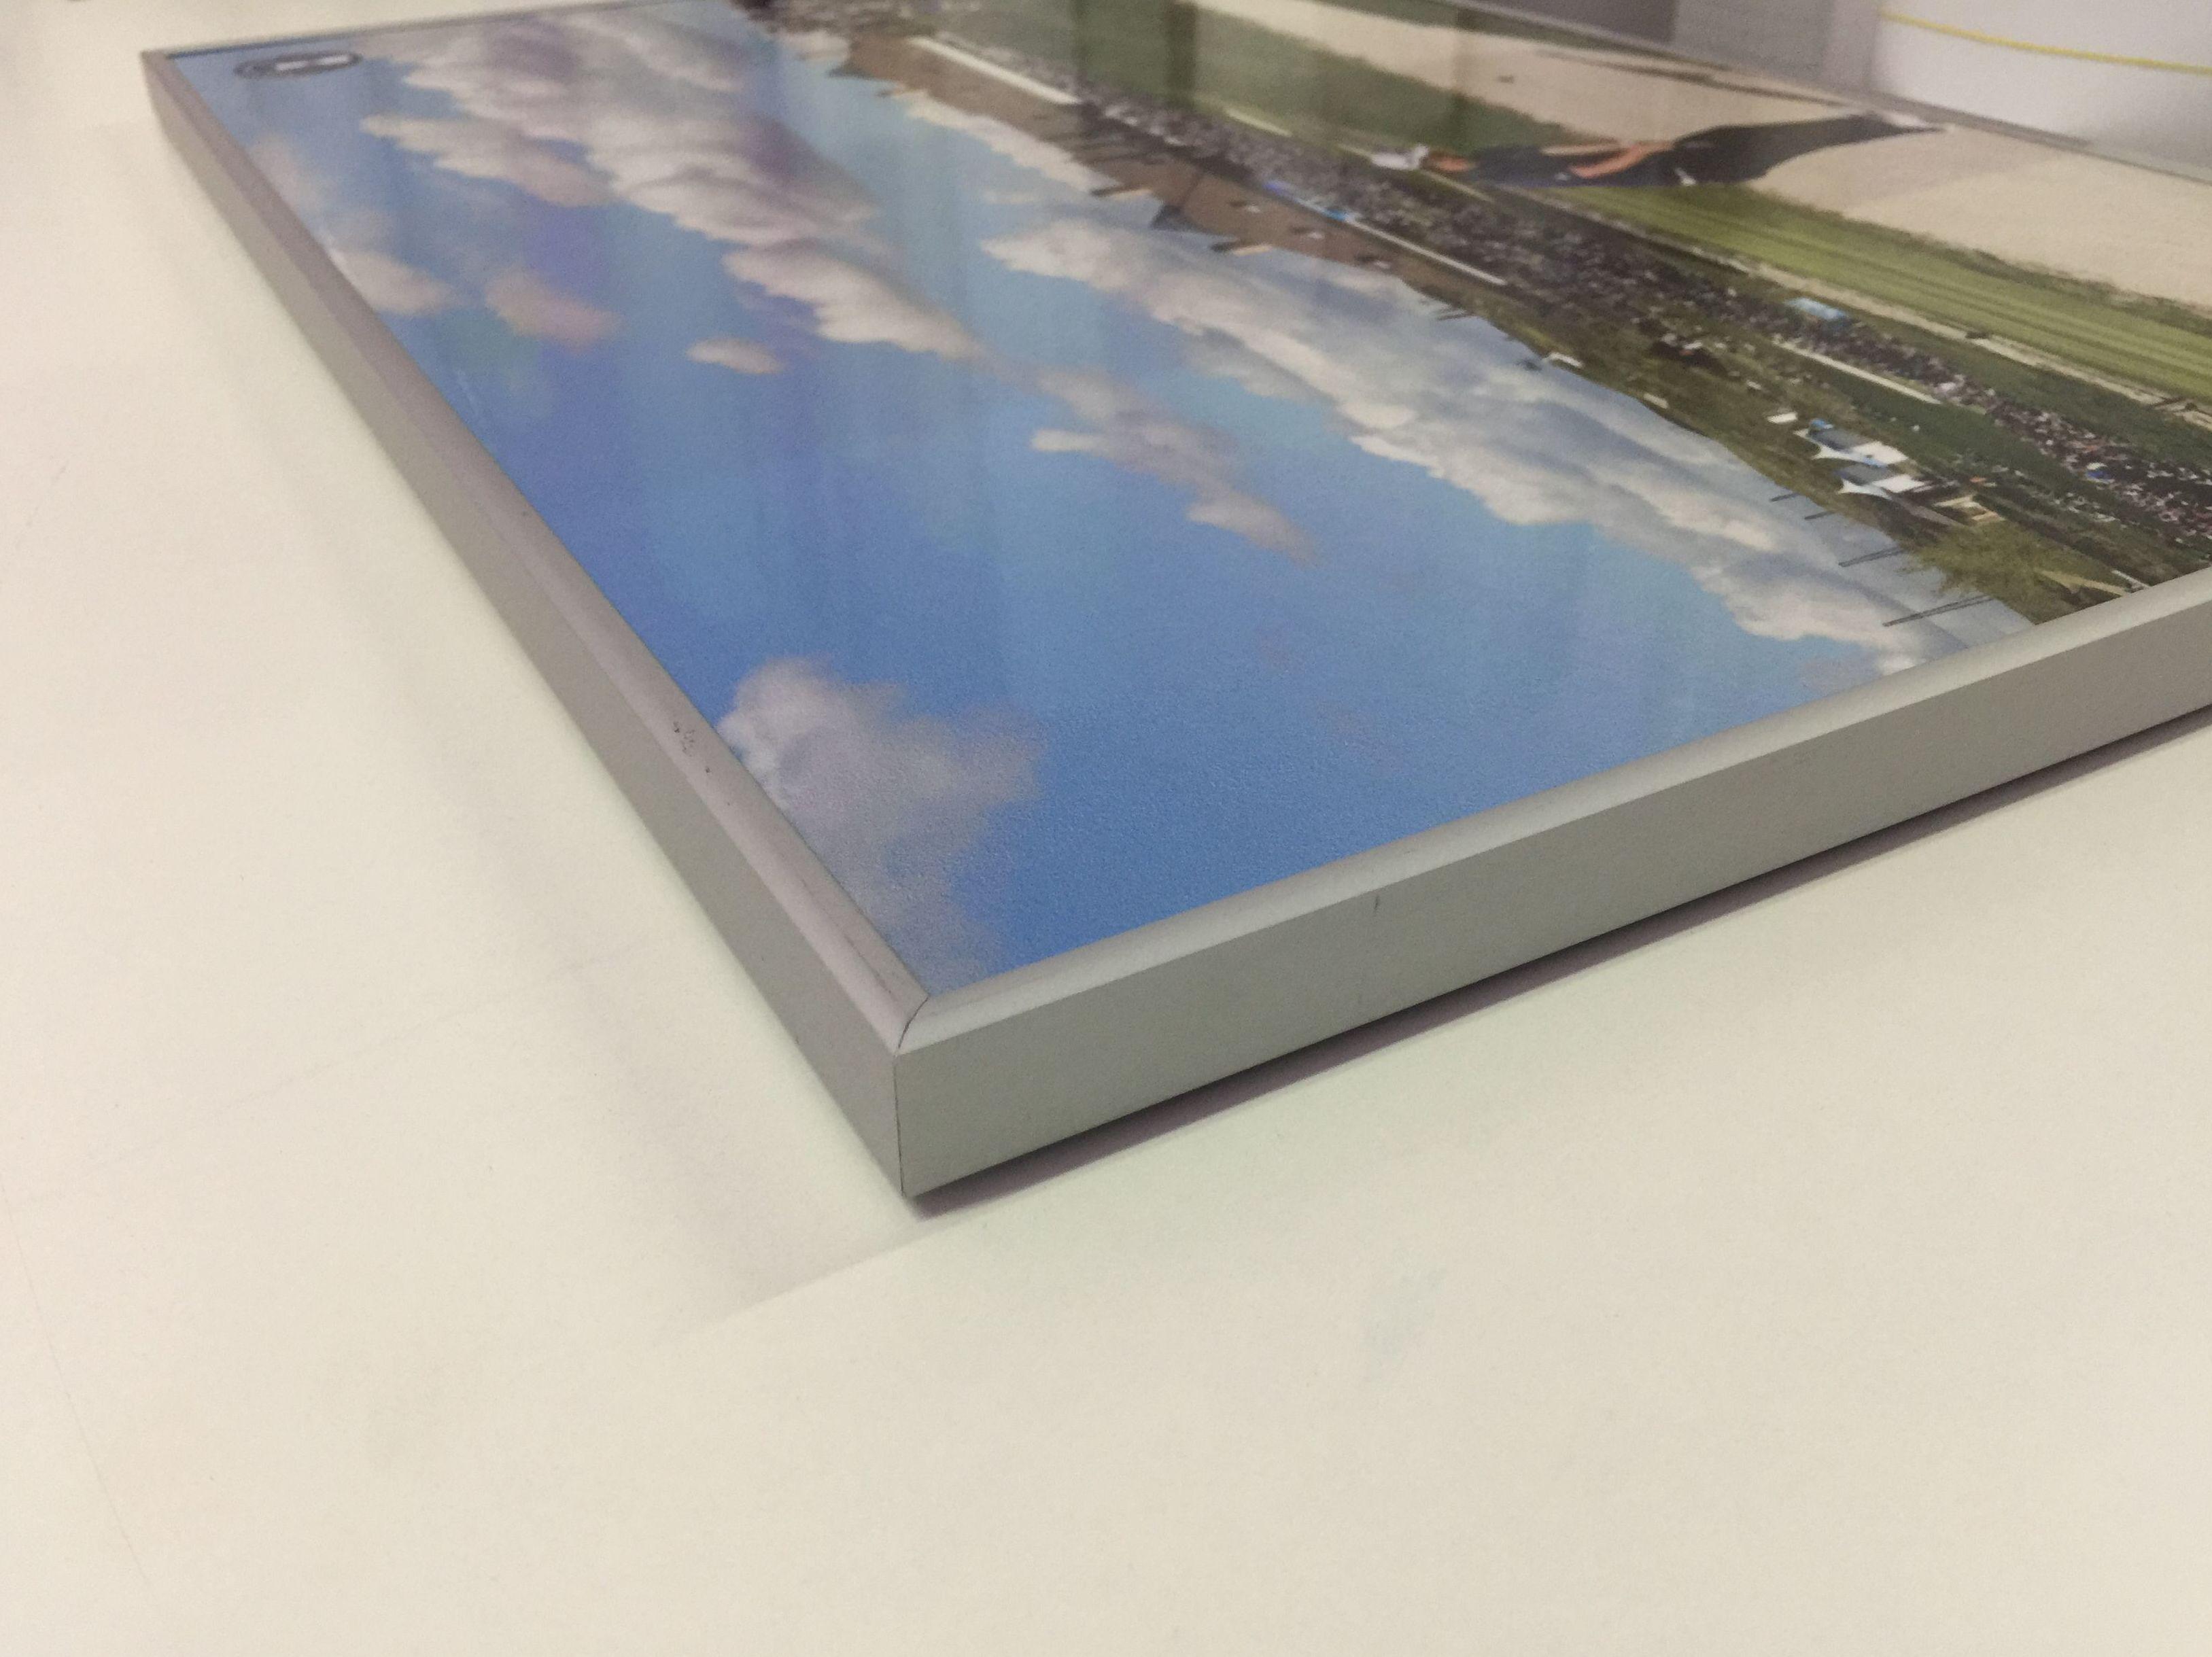 Foto 39 de Trabajos de diseño e impresión de gran calidad en Madrid   Megaprinter